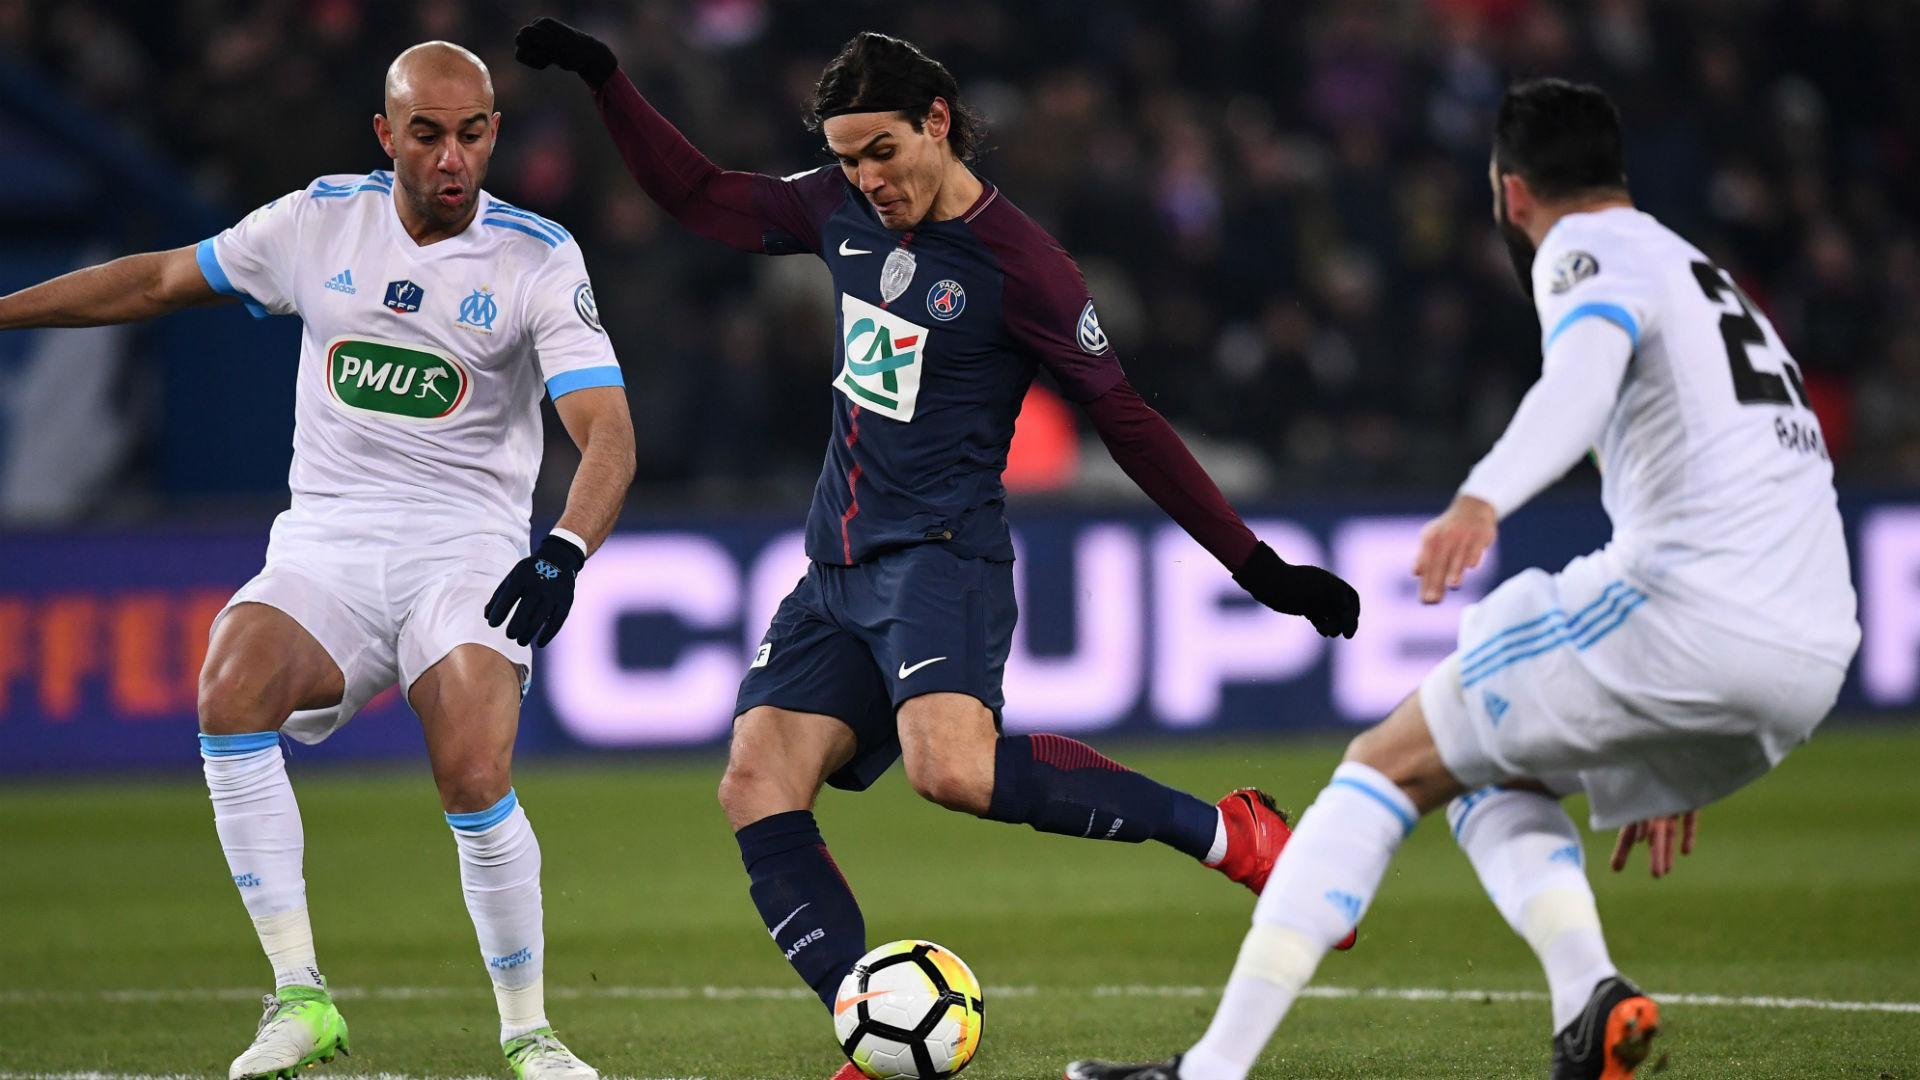 Paris saint germain x olympique de marseille cr nica de jogo coupe de france dia 28 02 18 - Marseille coupe de france ...